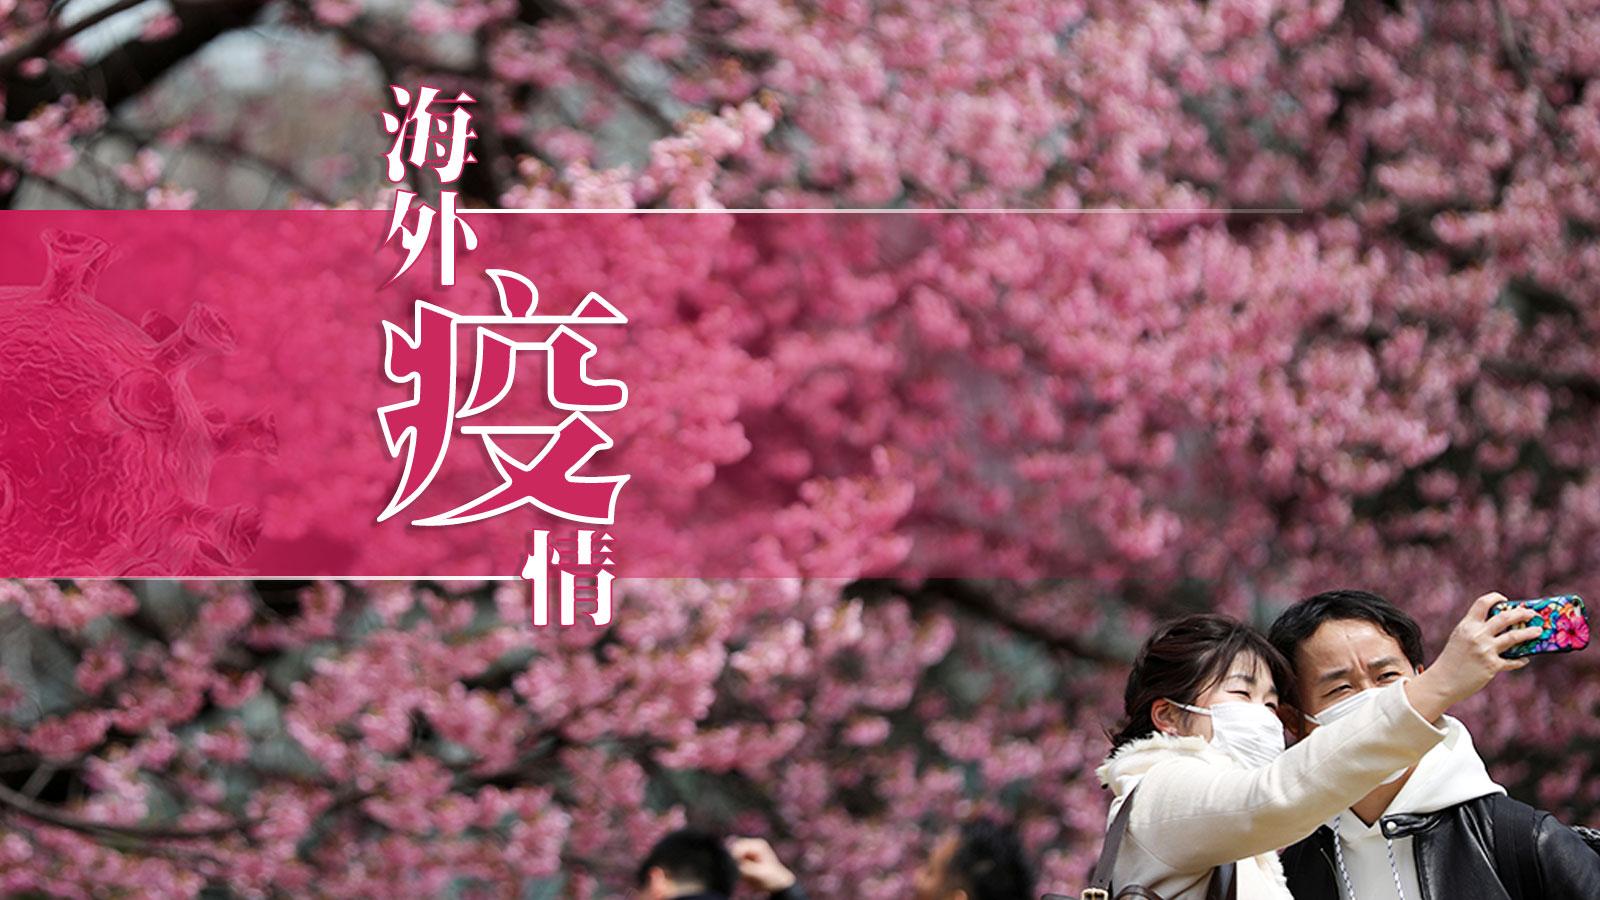 日本称变异新冠病毒扩散风险高 累计感染649人